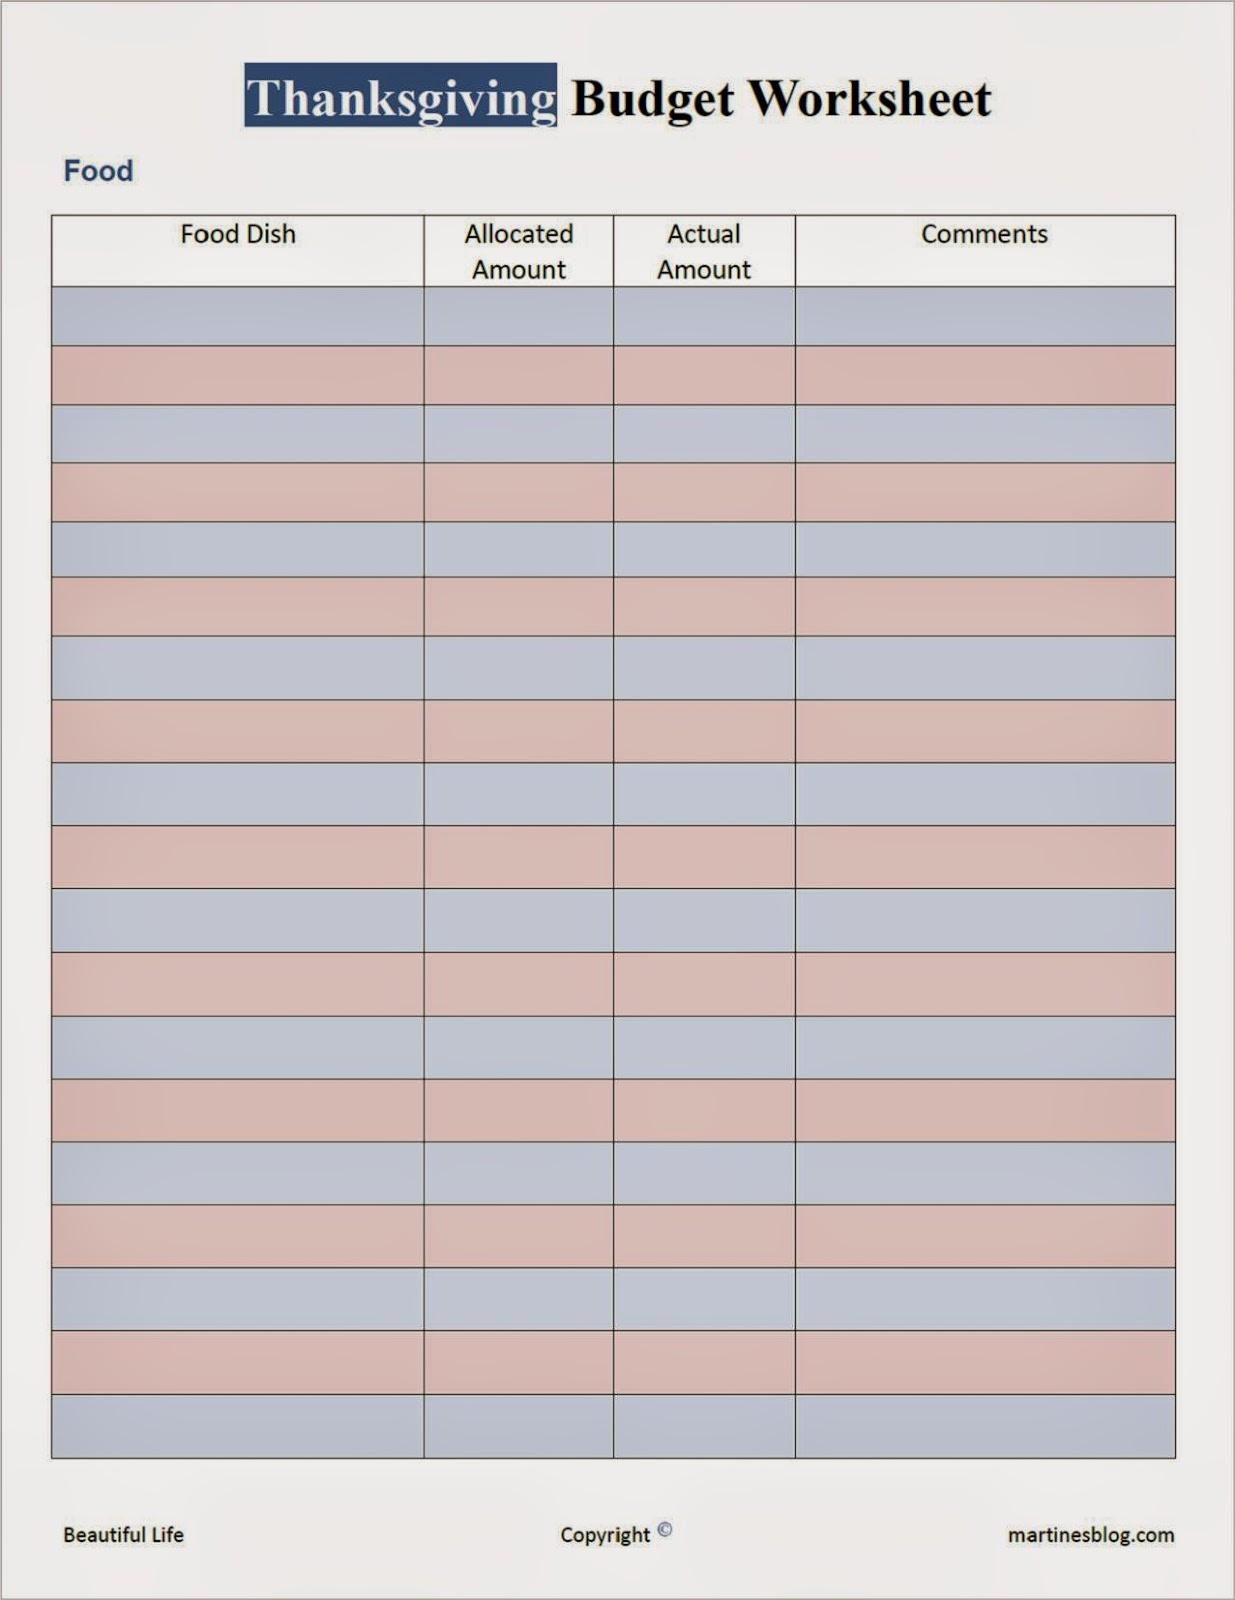 Thanksgiving Budget Worksheet